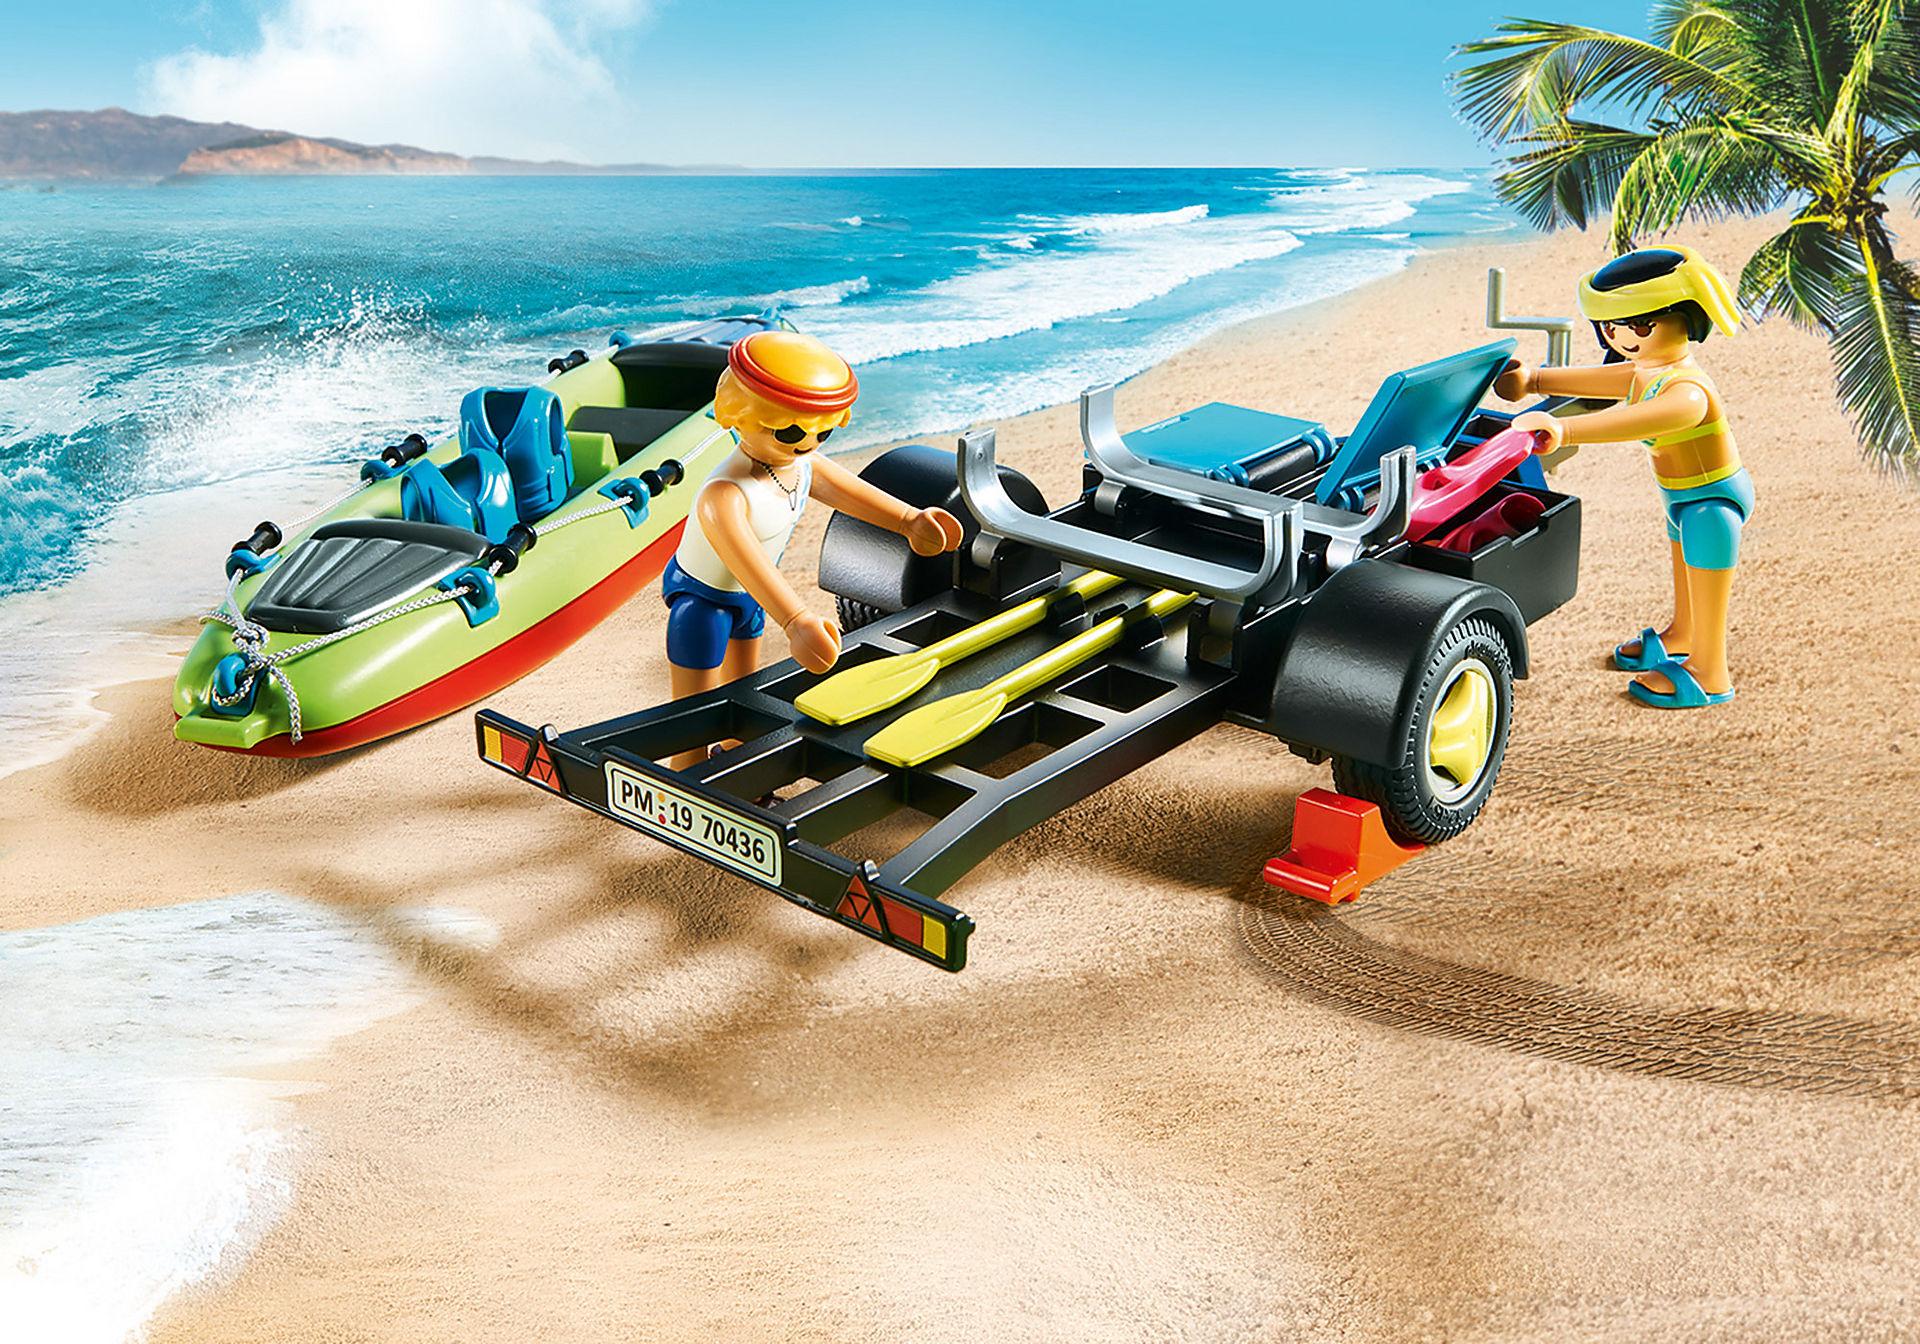 70436 Carro de Praia com Canoa zoom image5